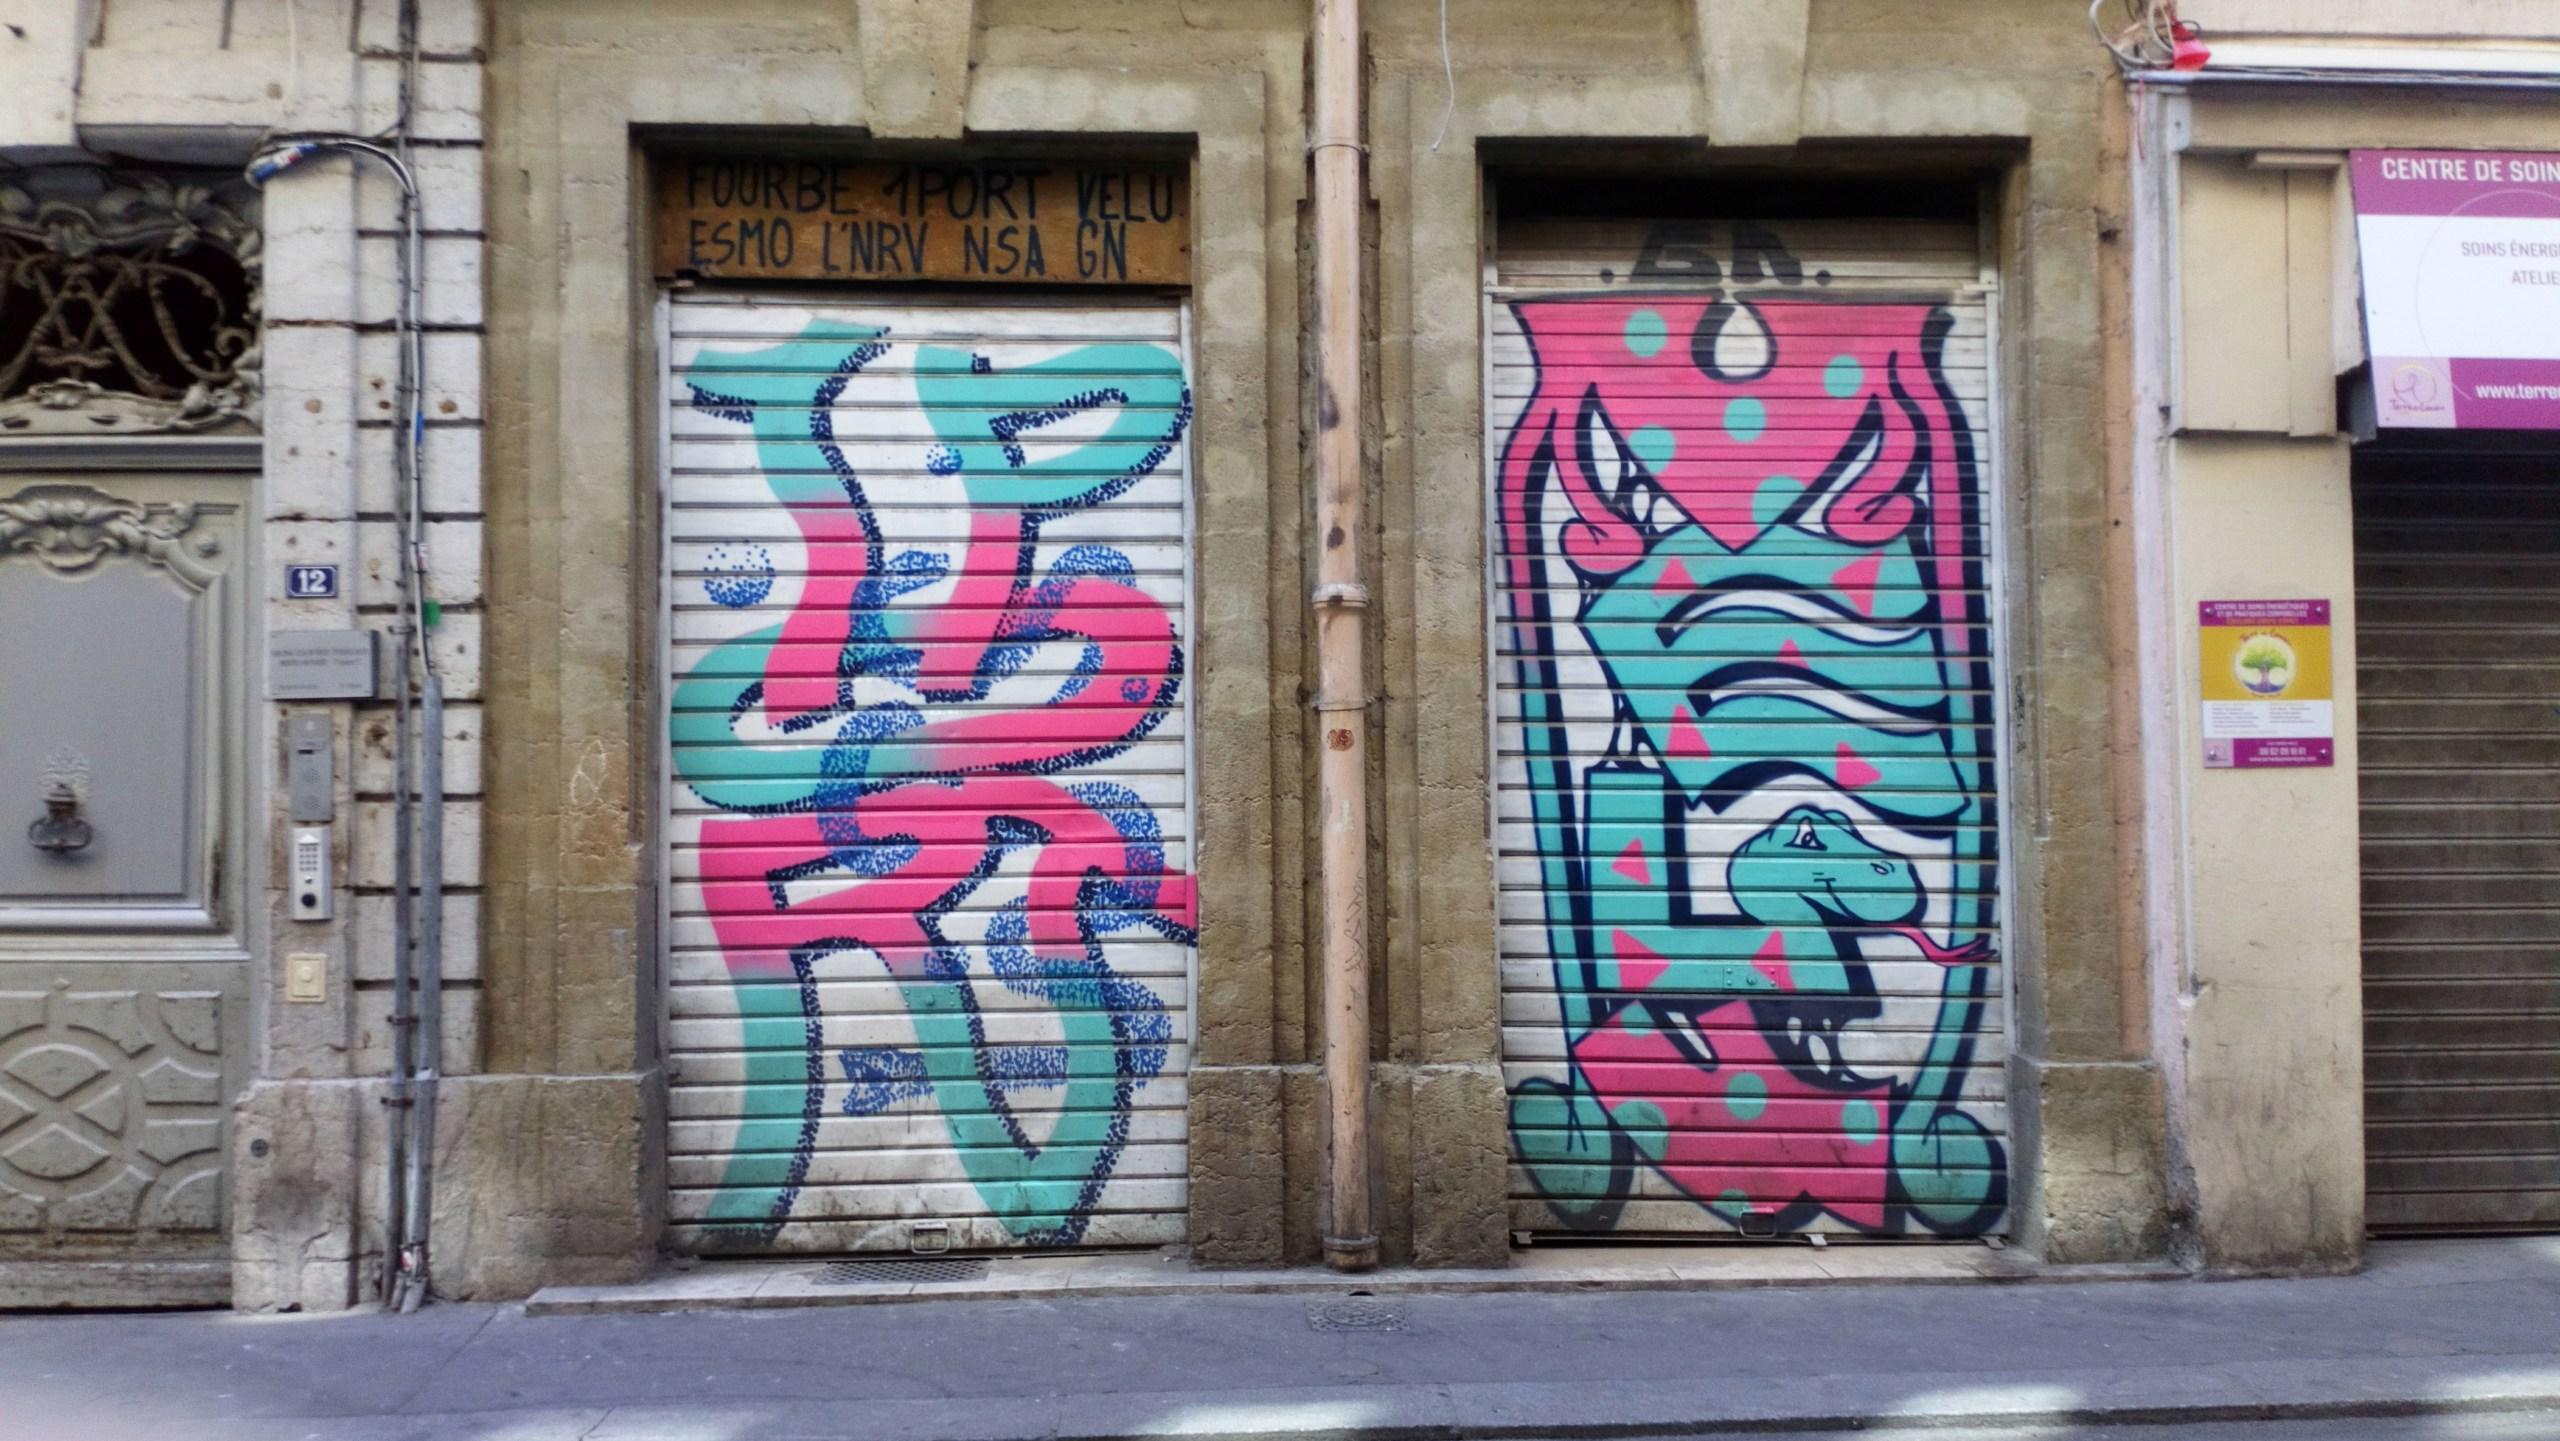 [street art-rue et manifs] Peinture fraîche, à Lyon 2019 - Page 10 Dsc_0881